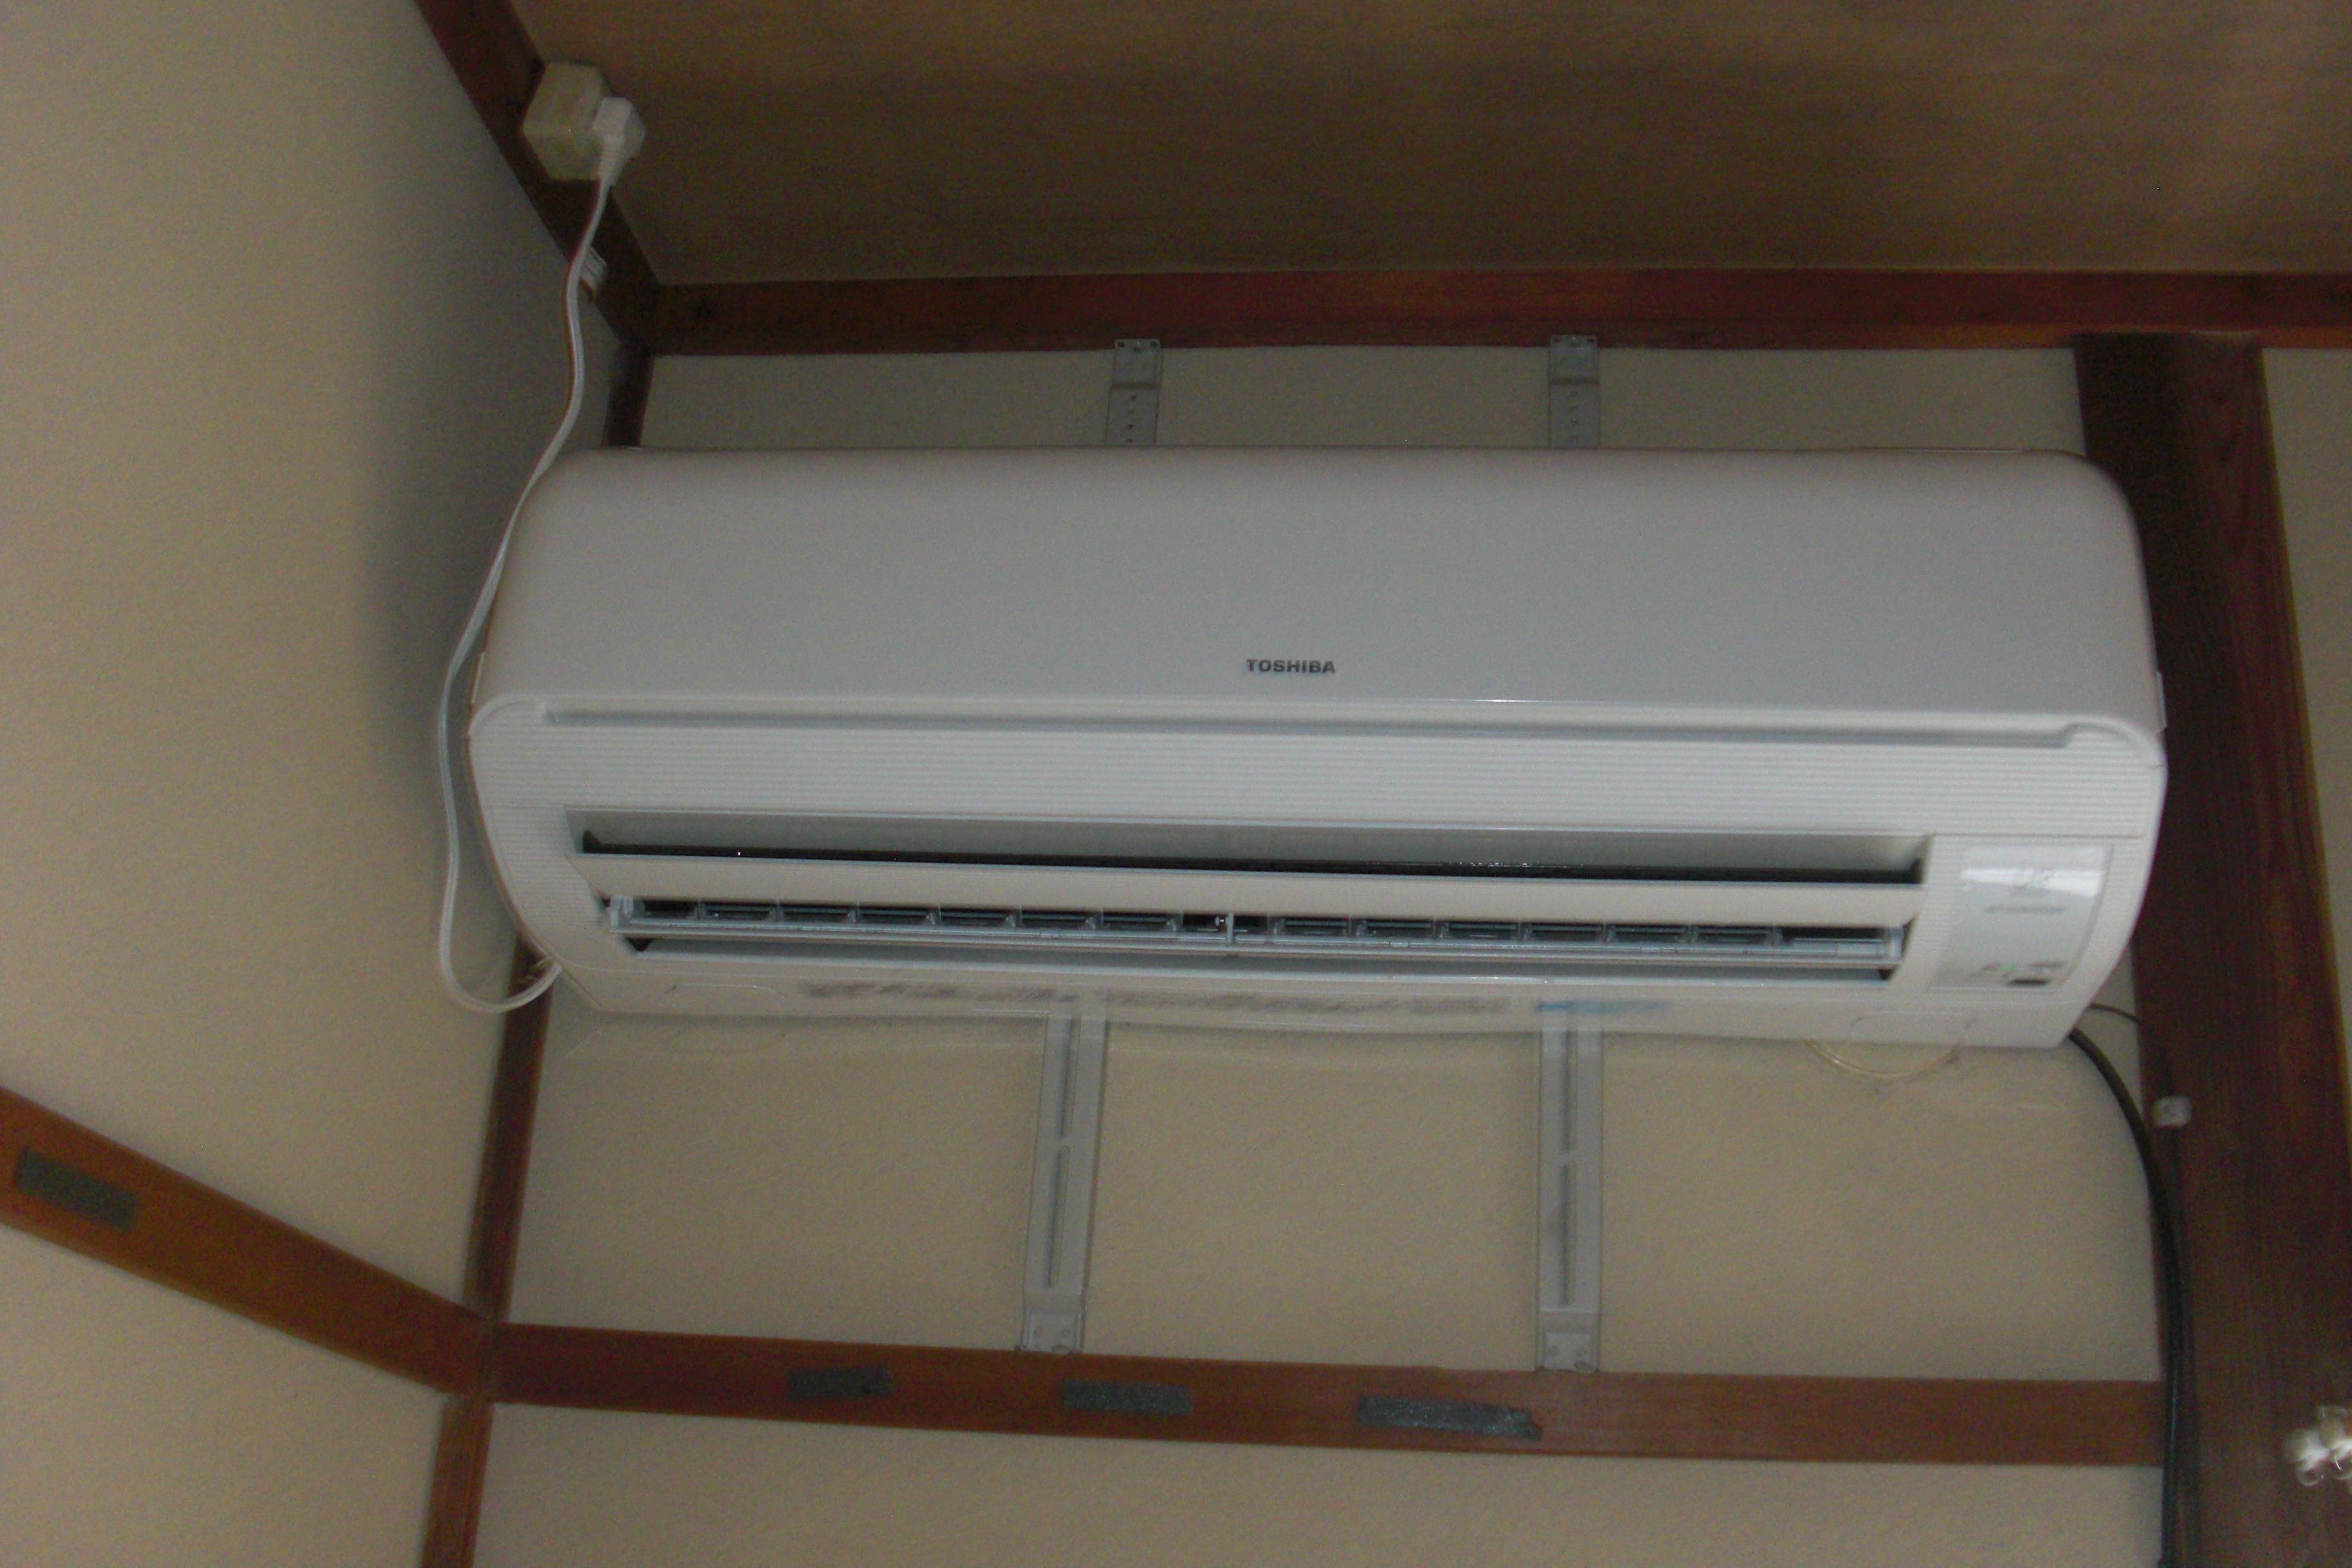 エアコン自動お掃除機能付きクリーニング